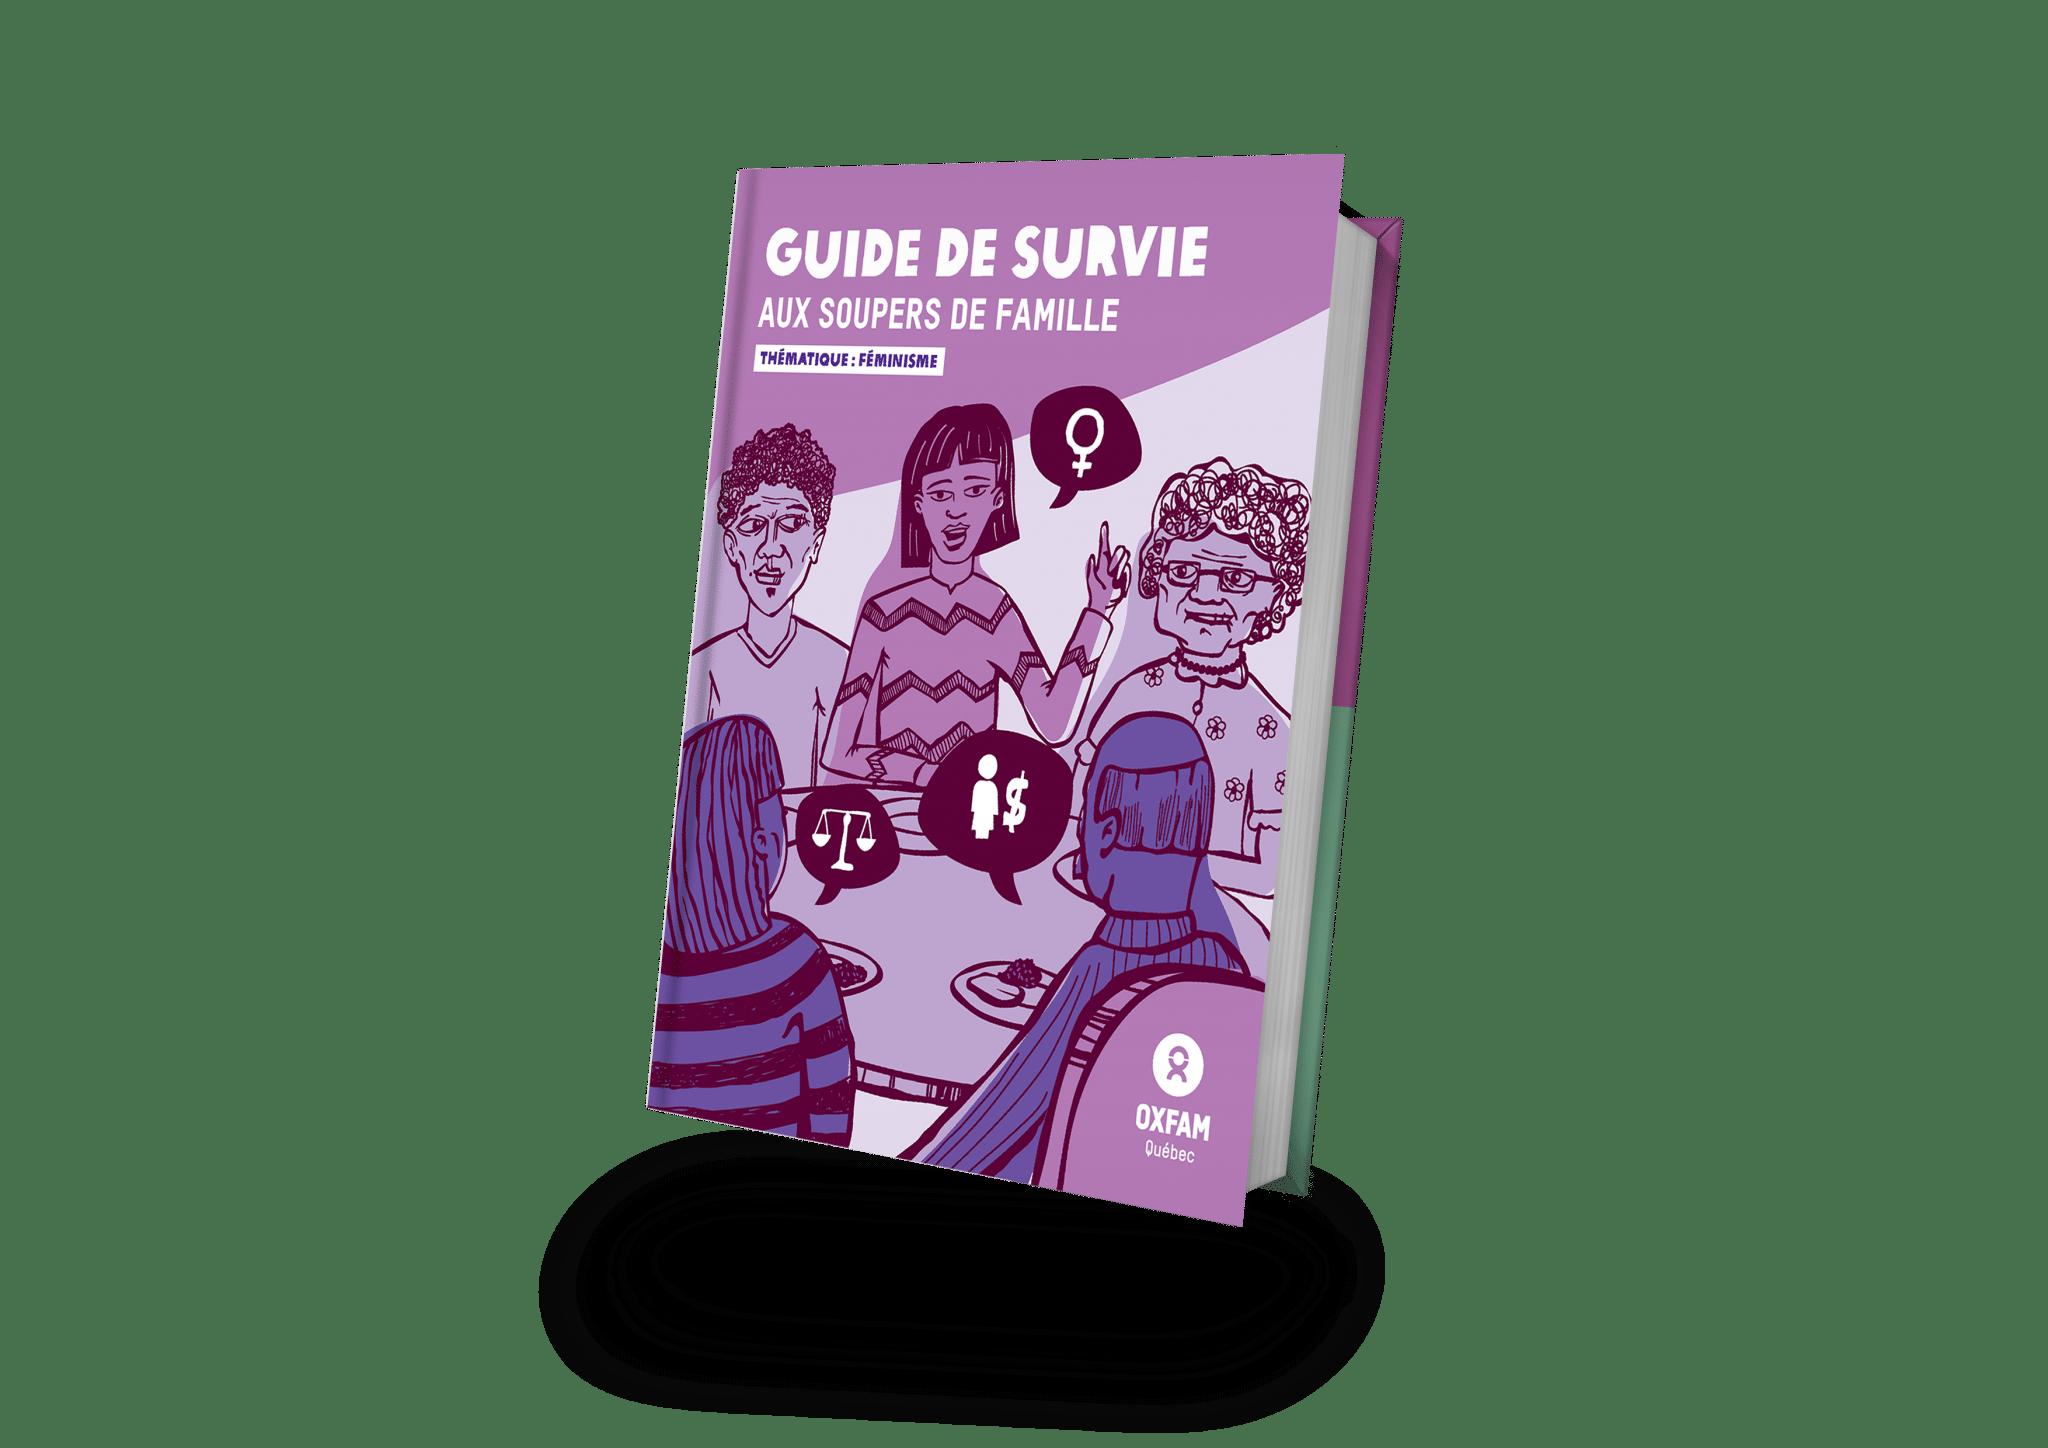 Guide-de-survie-image-2048 x 1448